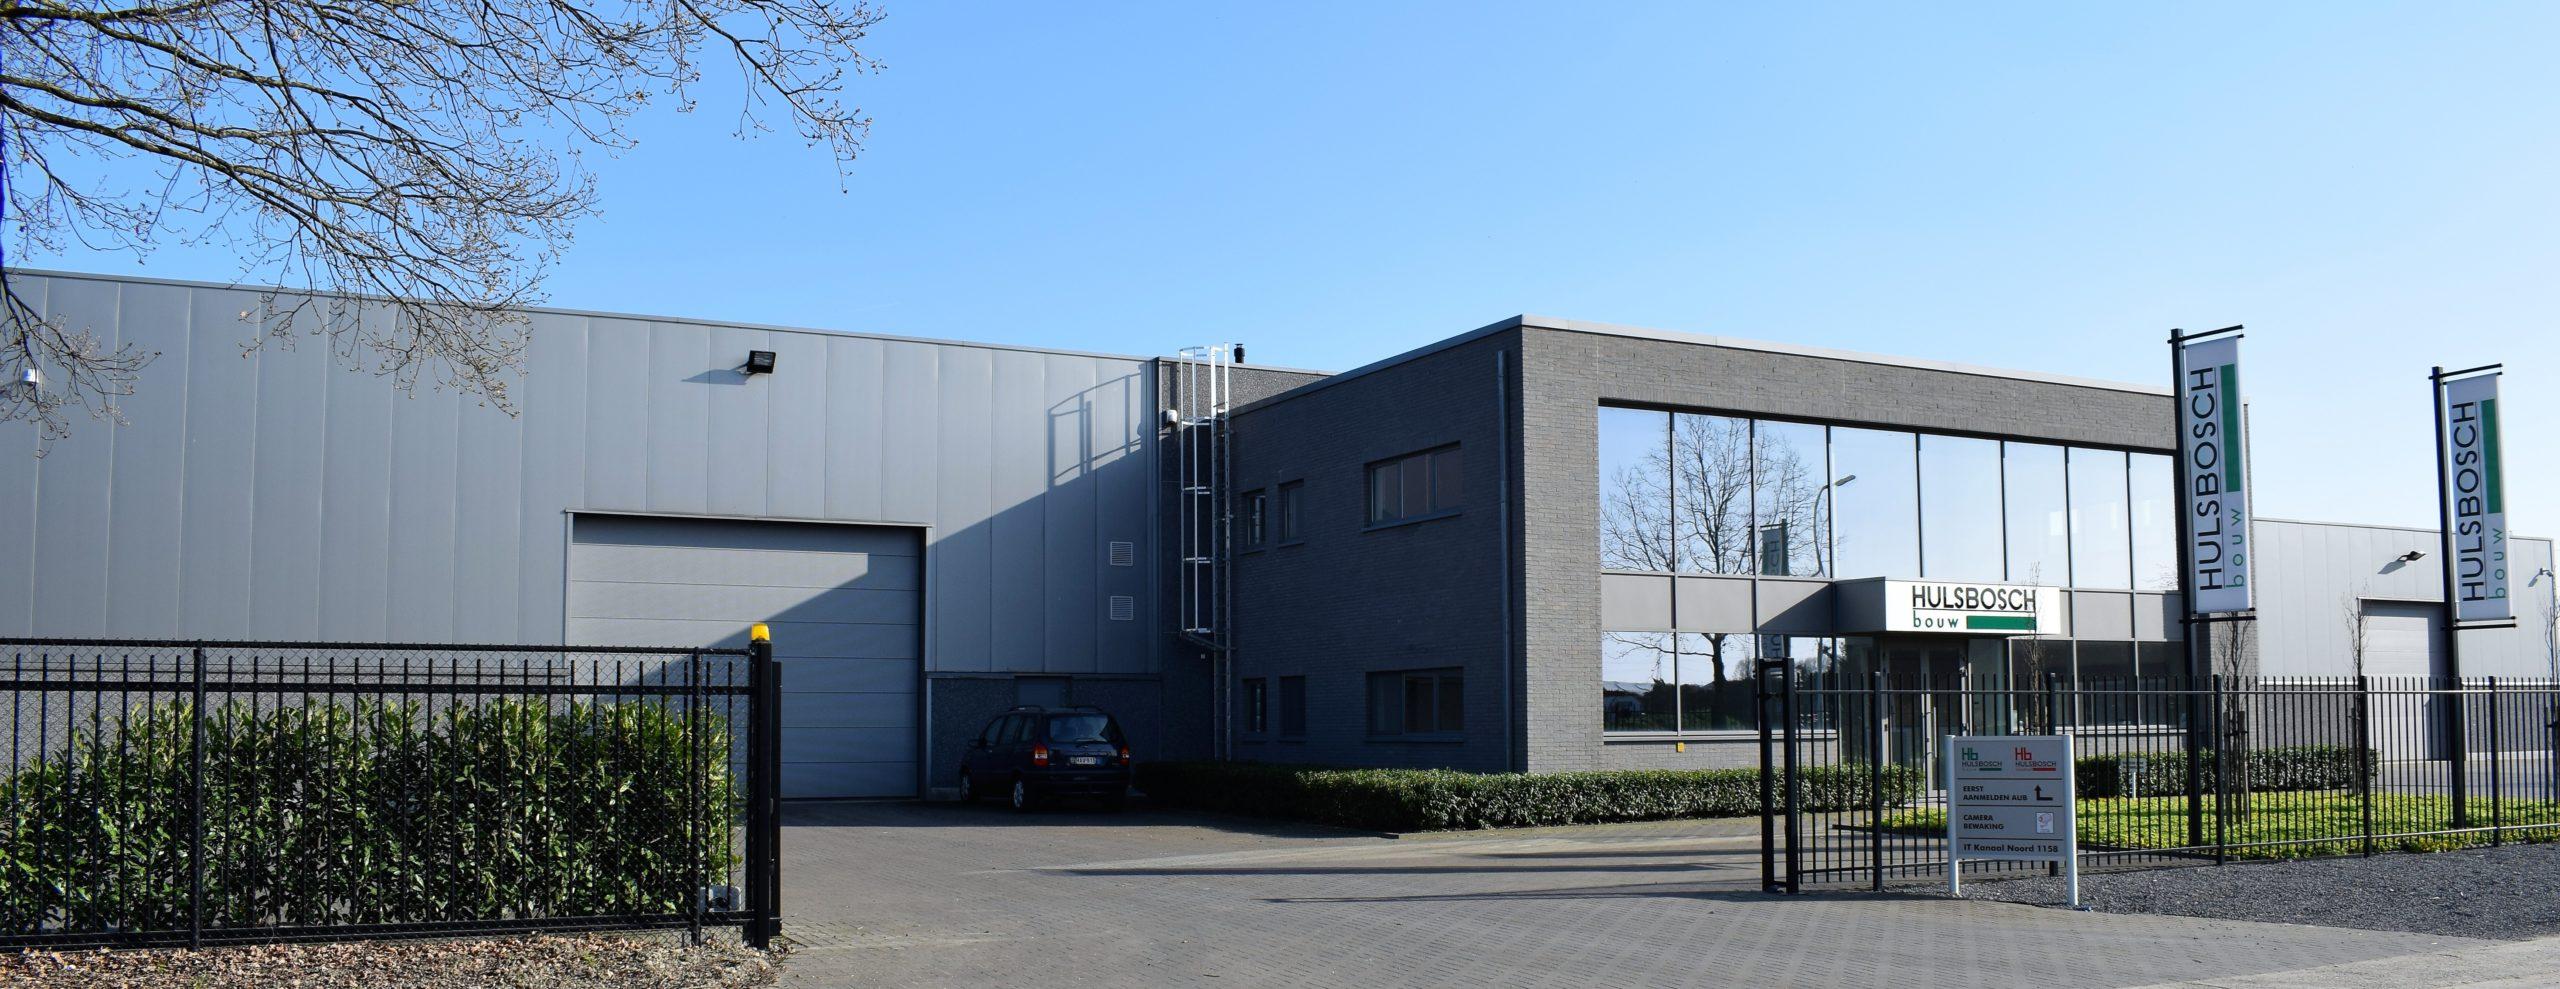 Hulsbosch Bouwbedrijf